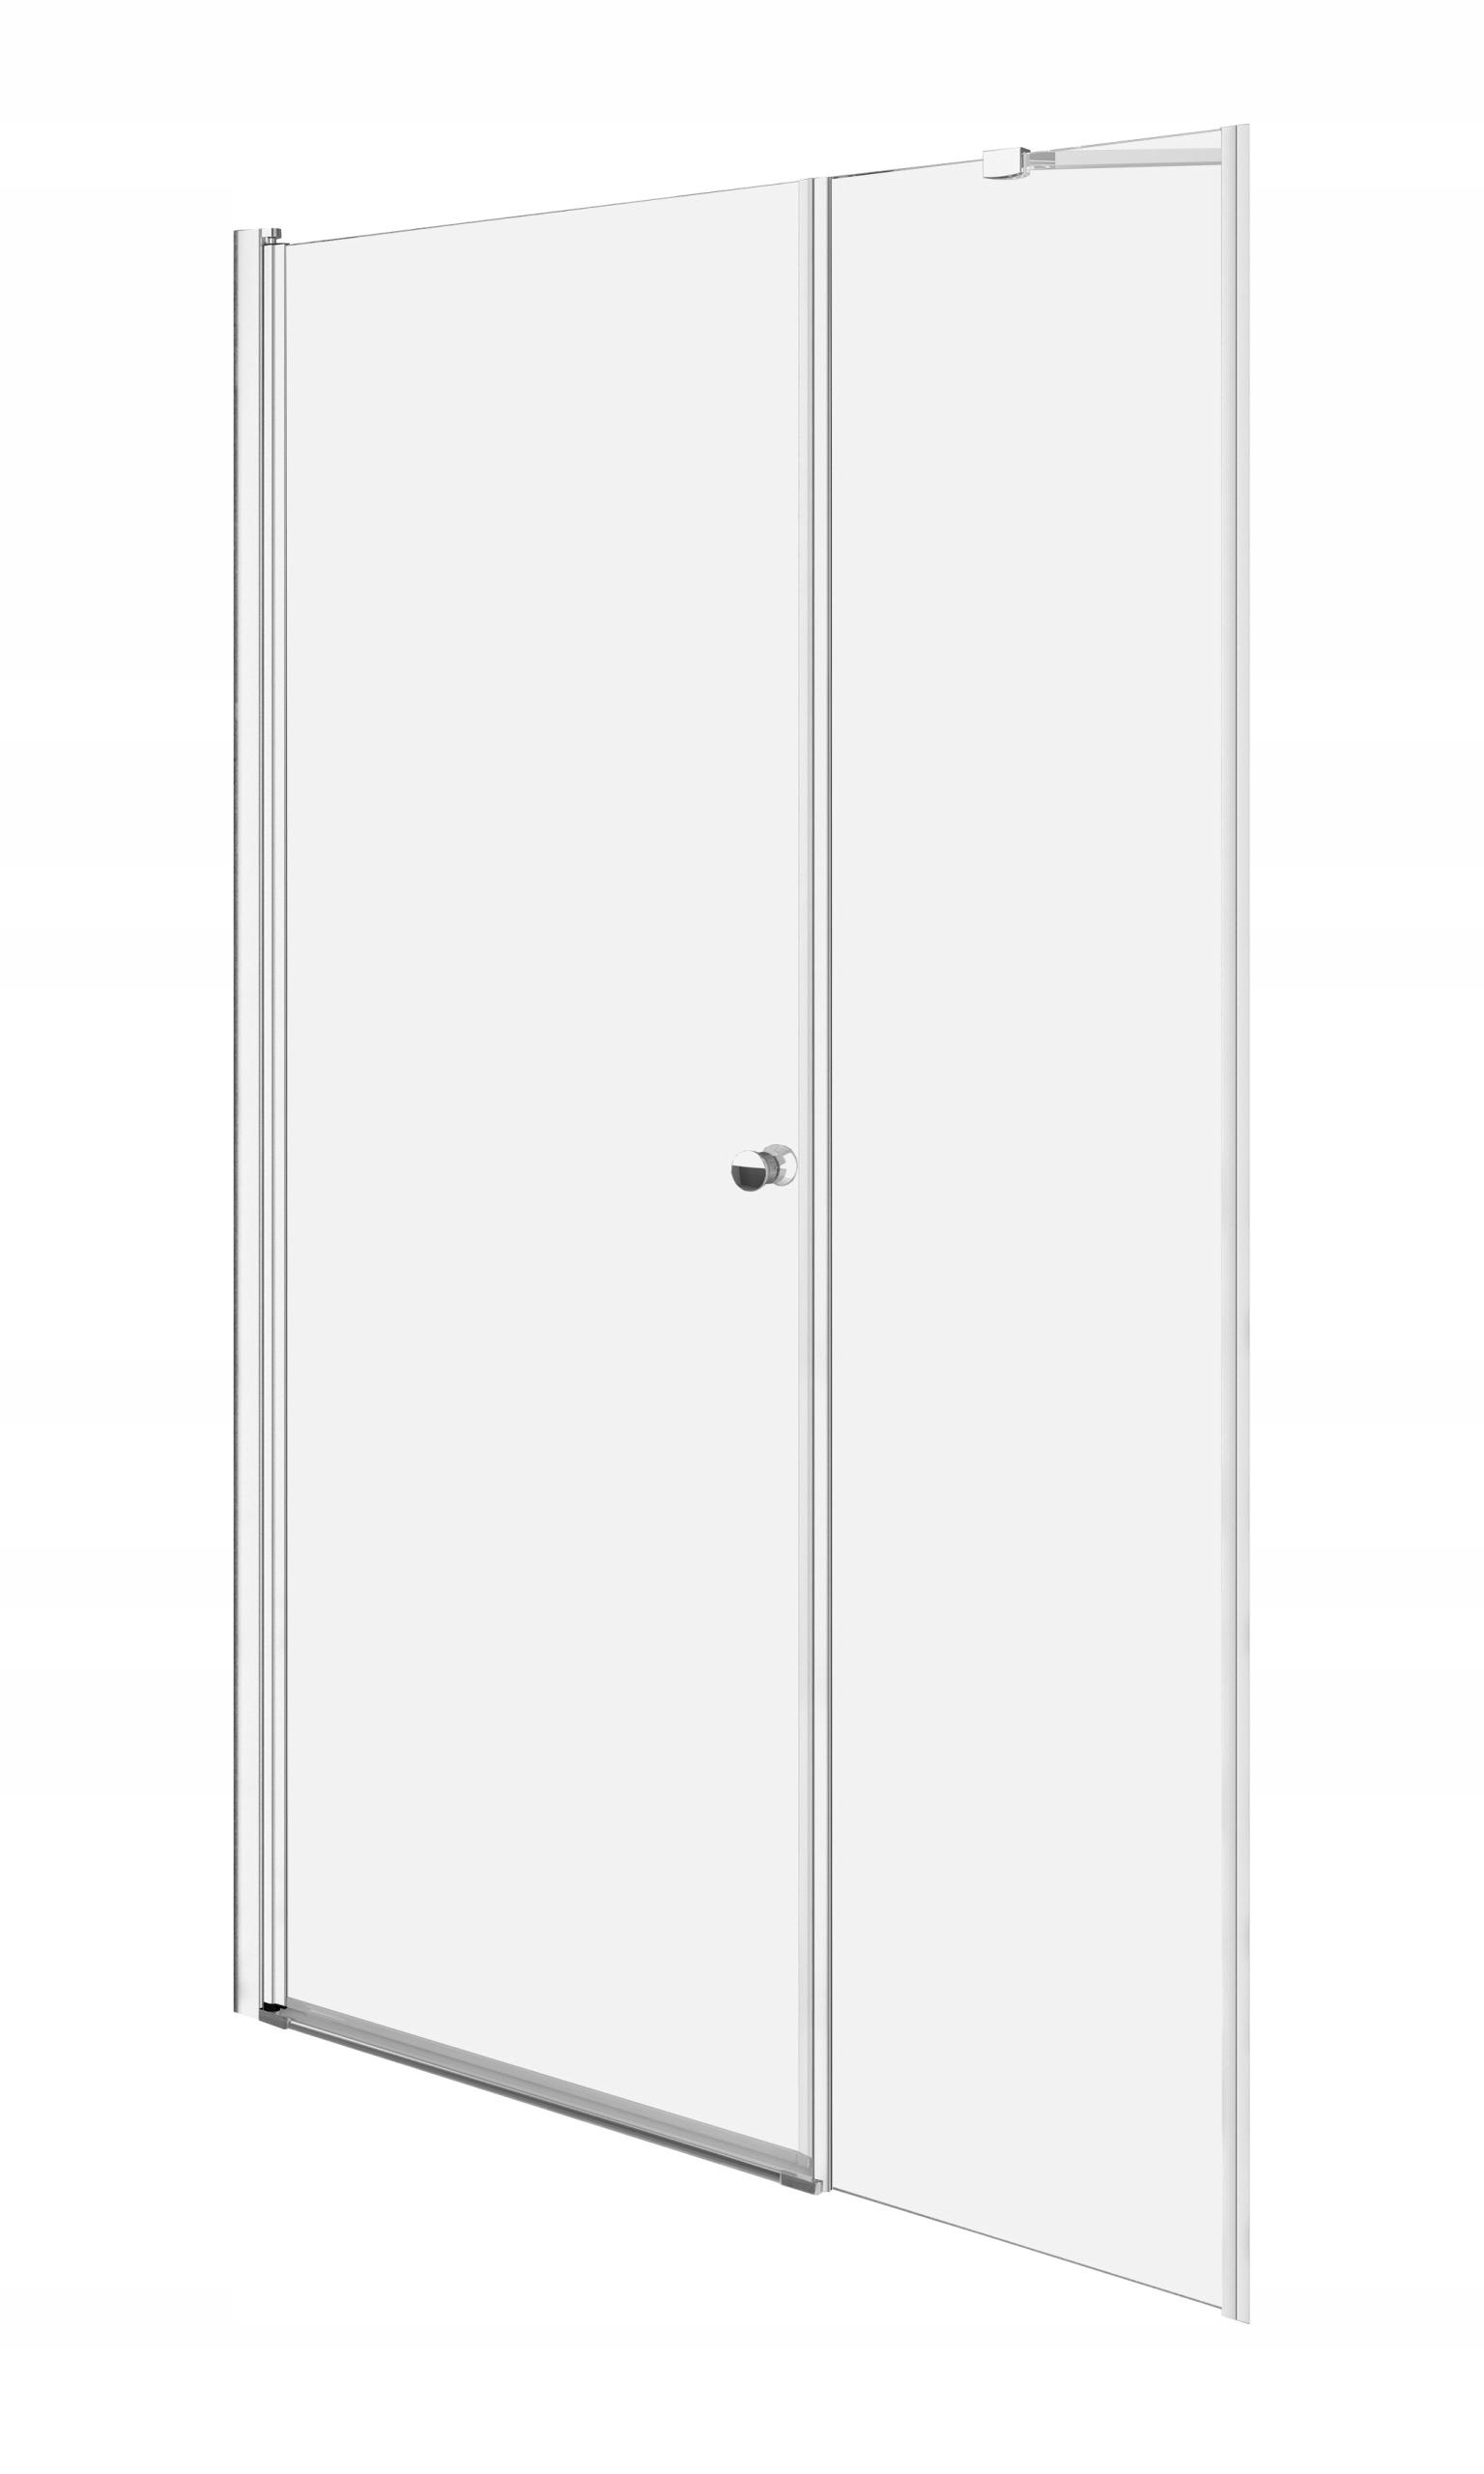 Sprchové dvere EOS DWS 100x197 číre kl